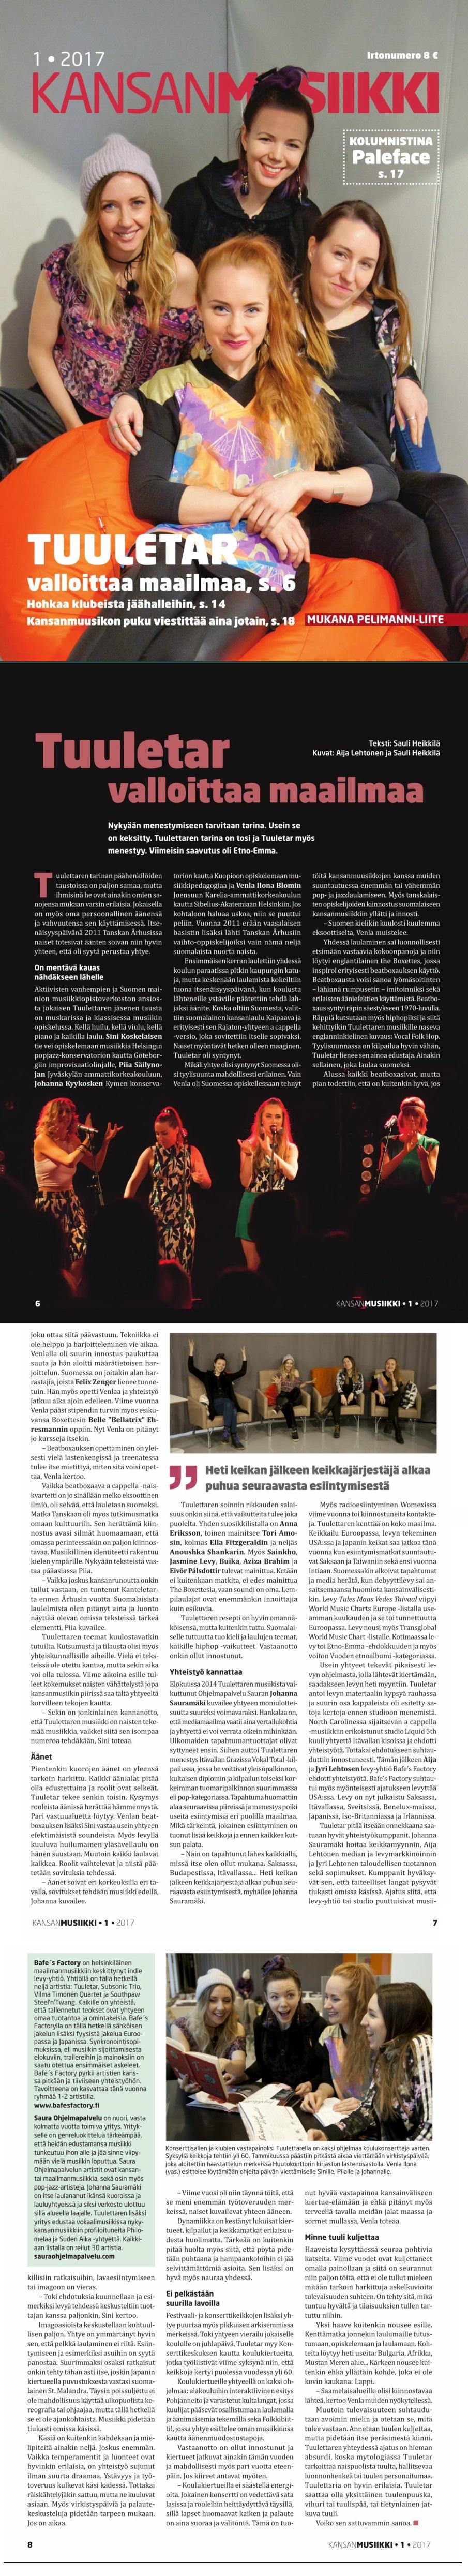 Kansanmusiikki, 1/2017